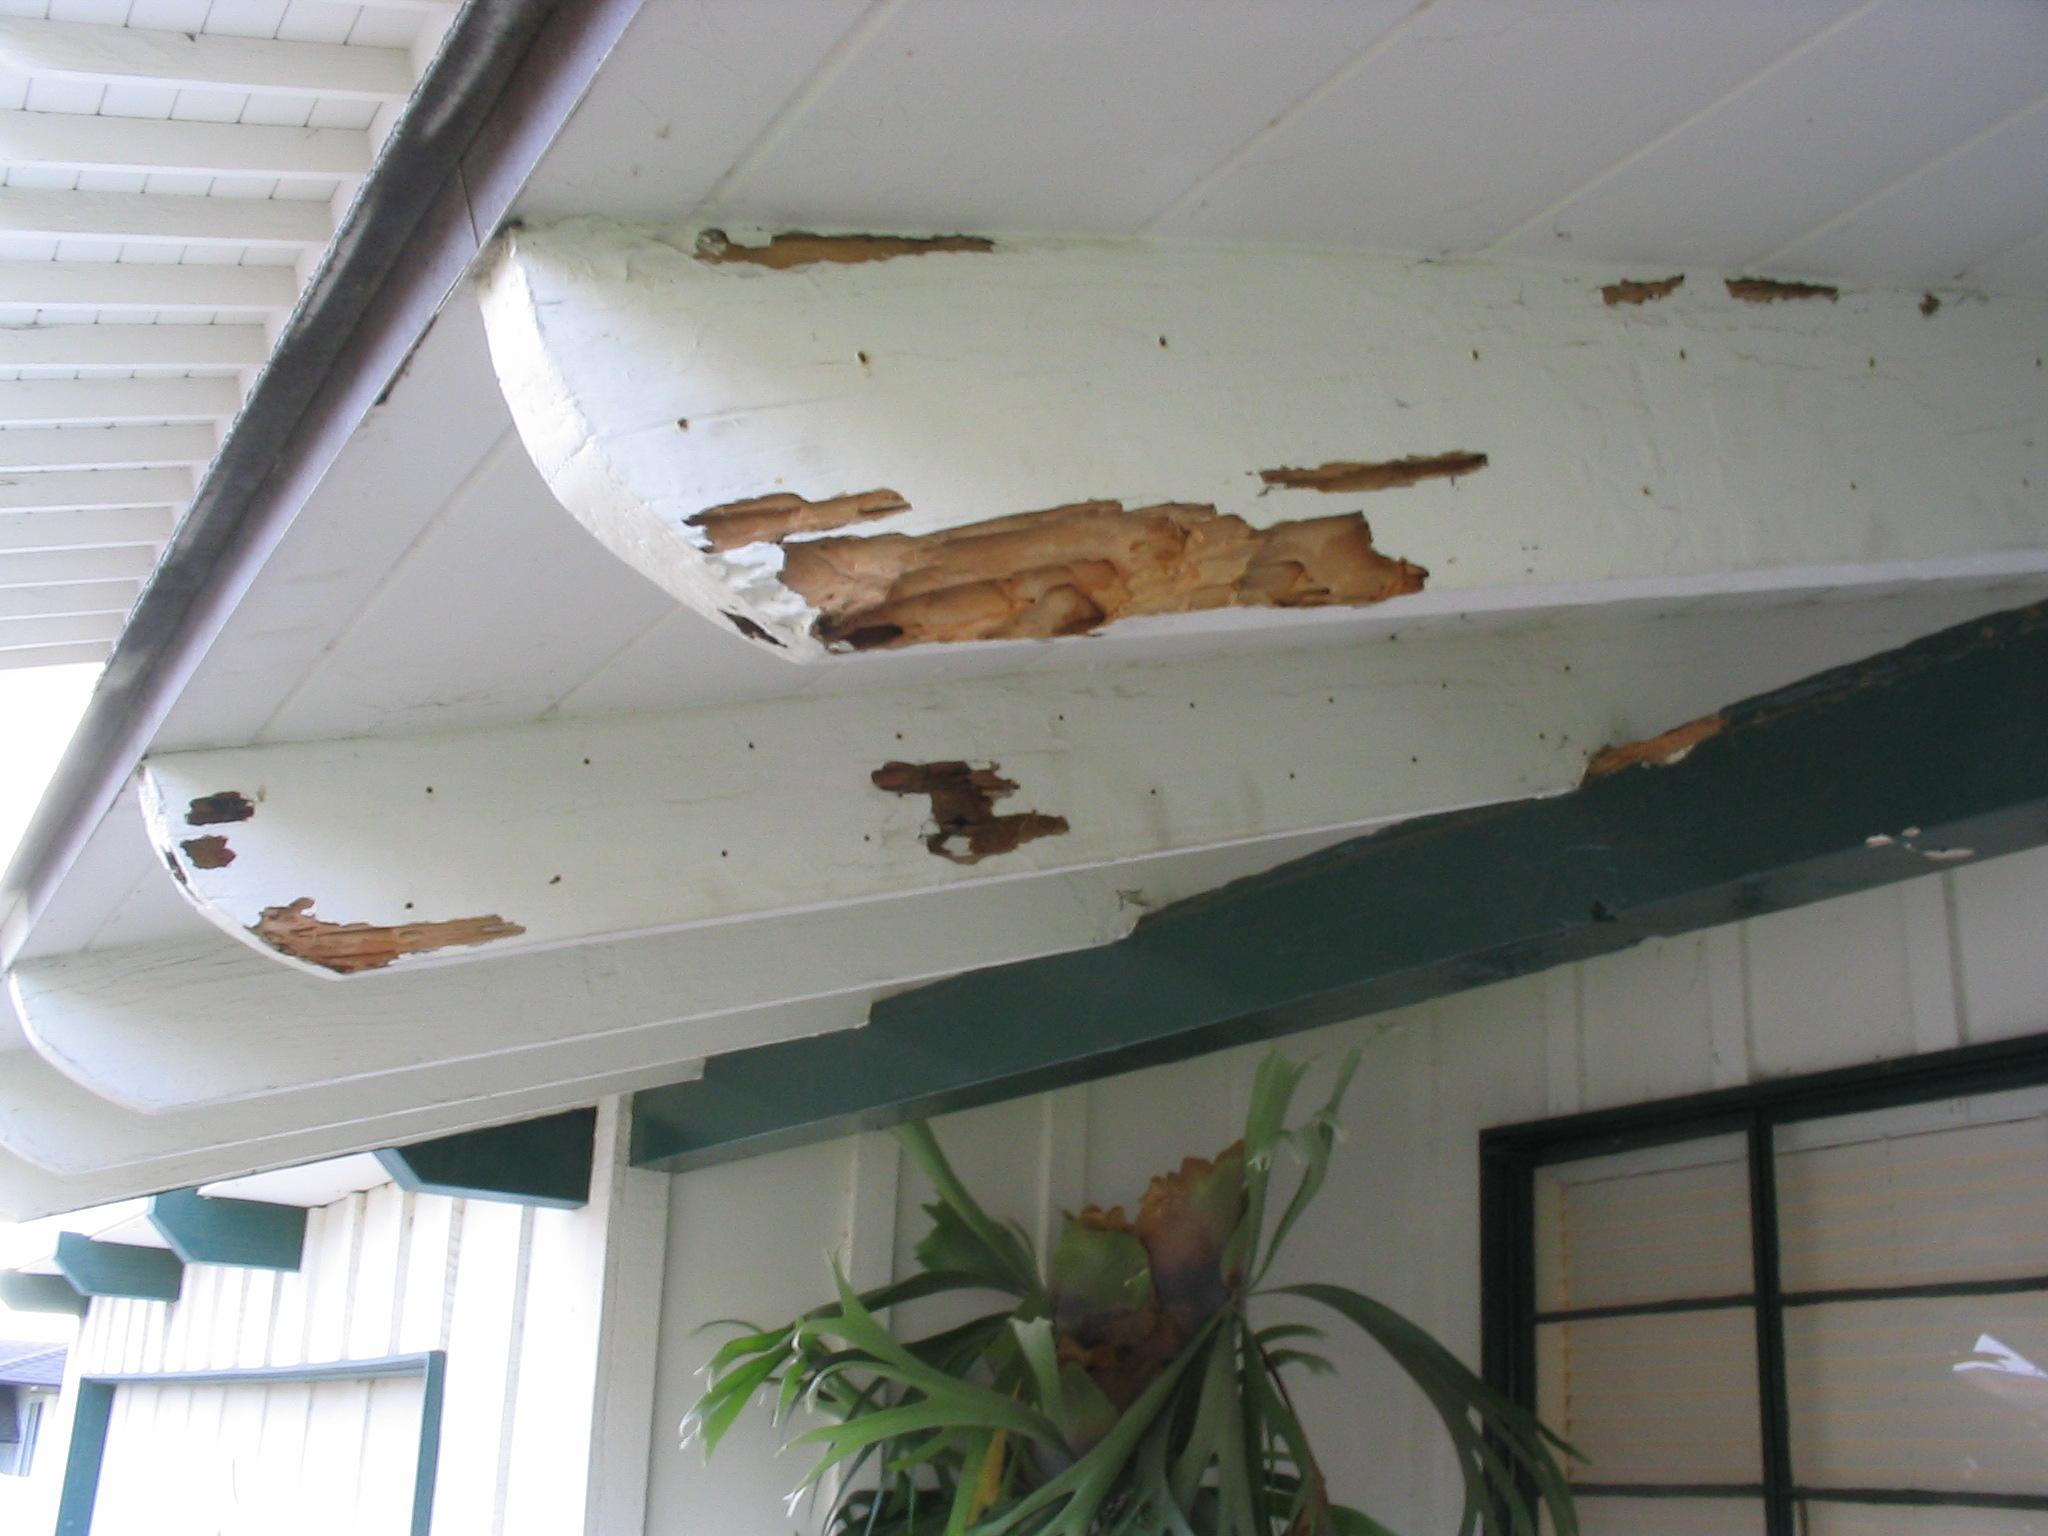 Termites Treatment Repair Albuquerque Rio Rancho